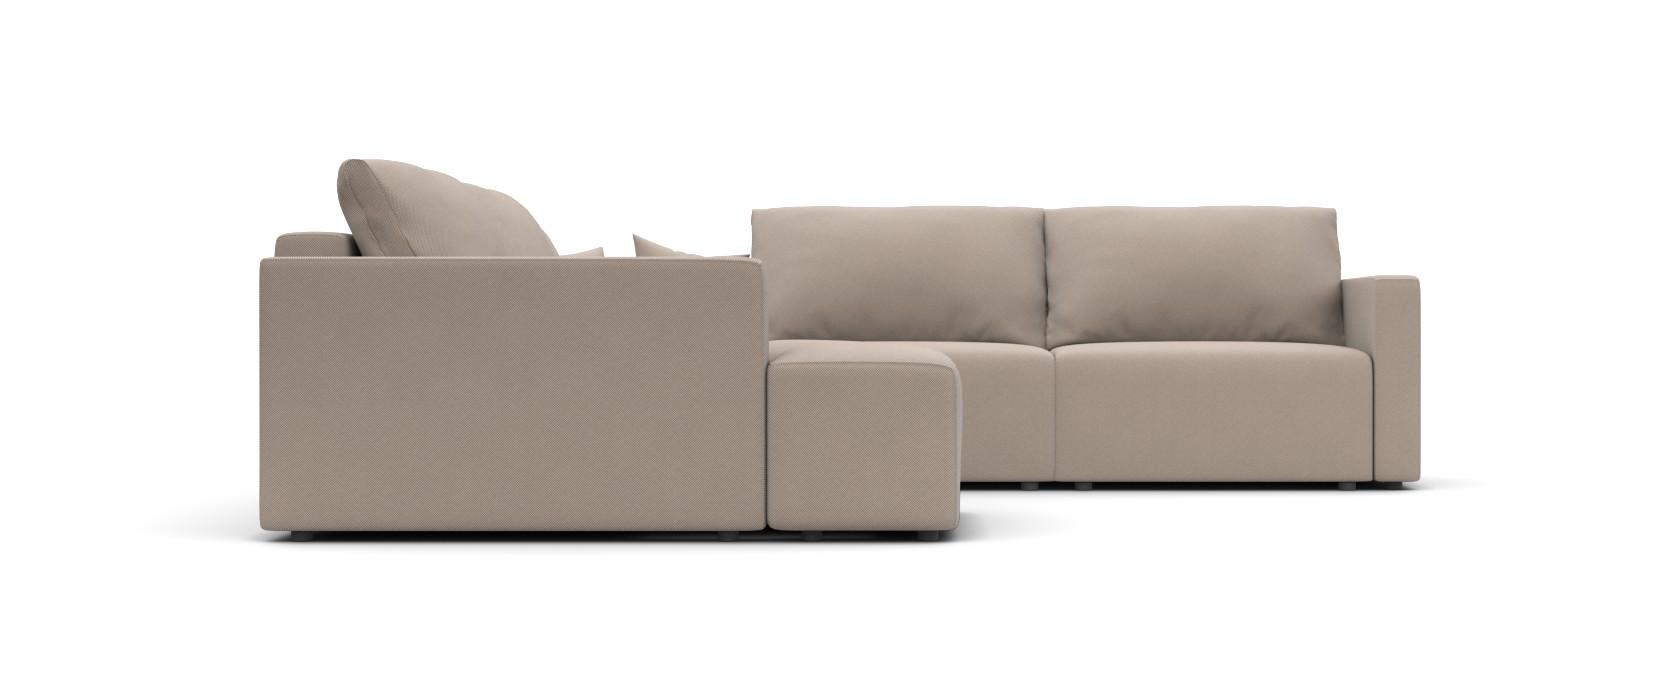 Модульний диван Greta з отоманкою 317x317 - Pufetto